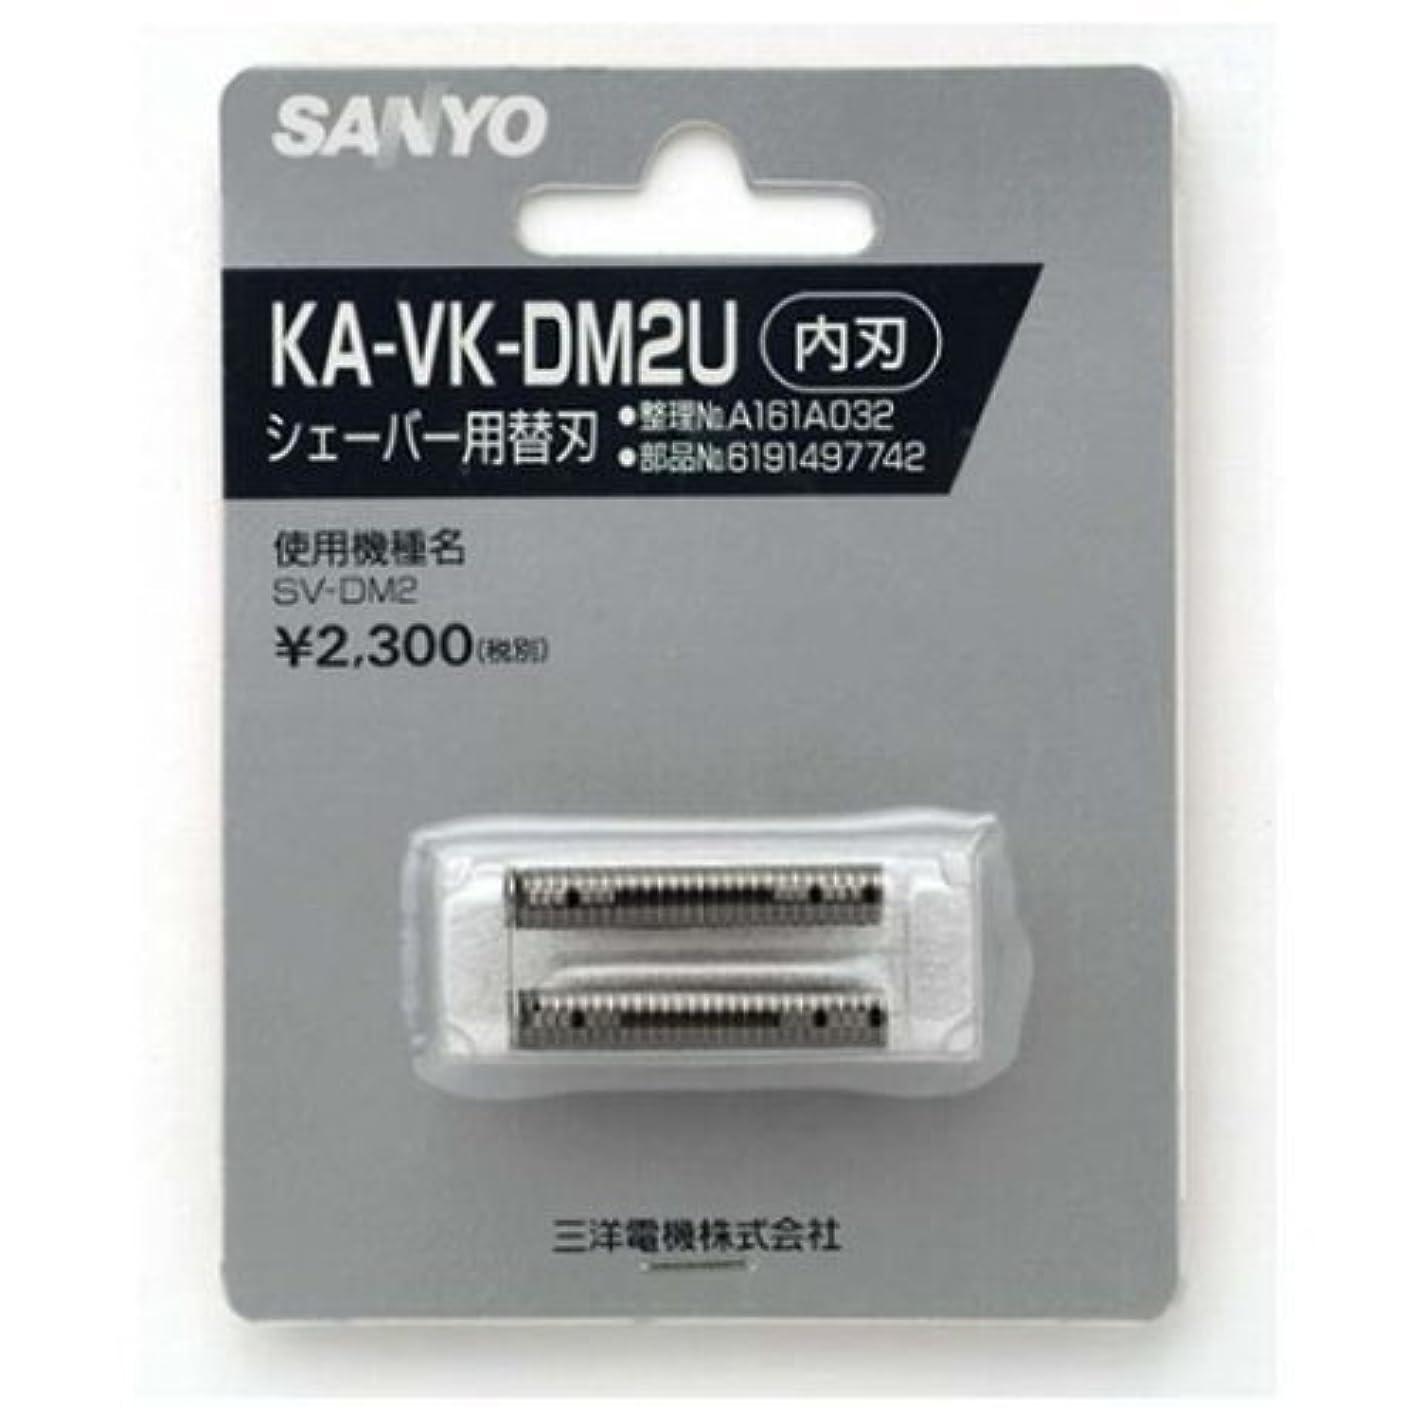 債権者レンダリング導入するサンヨー 交換用替刃(内刃) KA-VK-DM2U